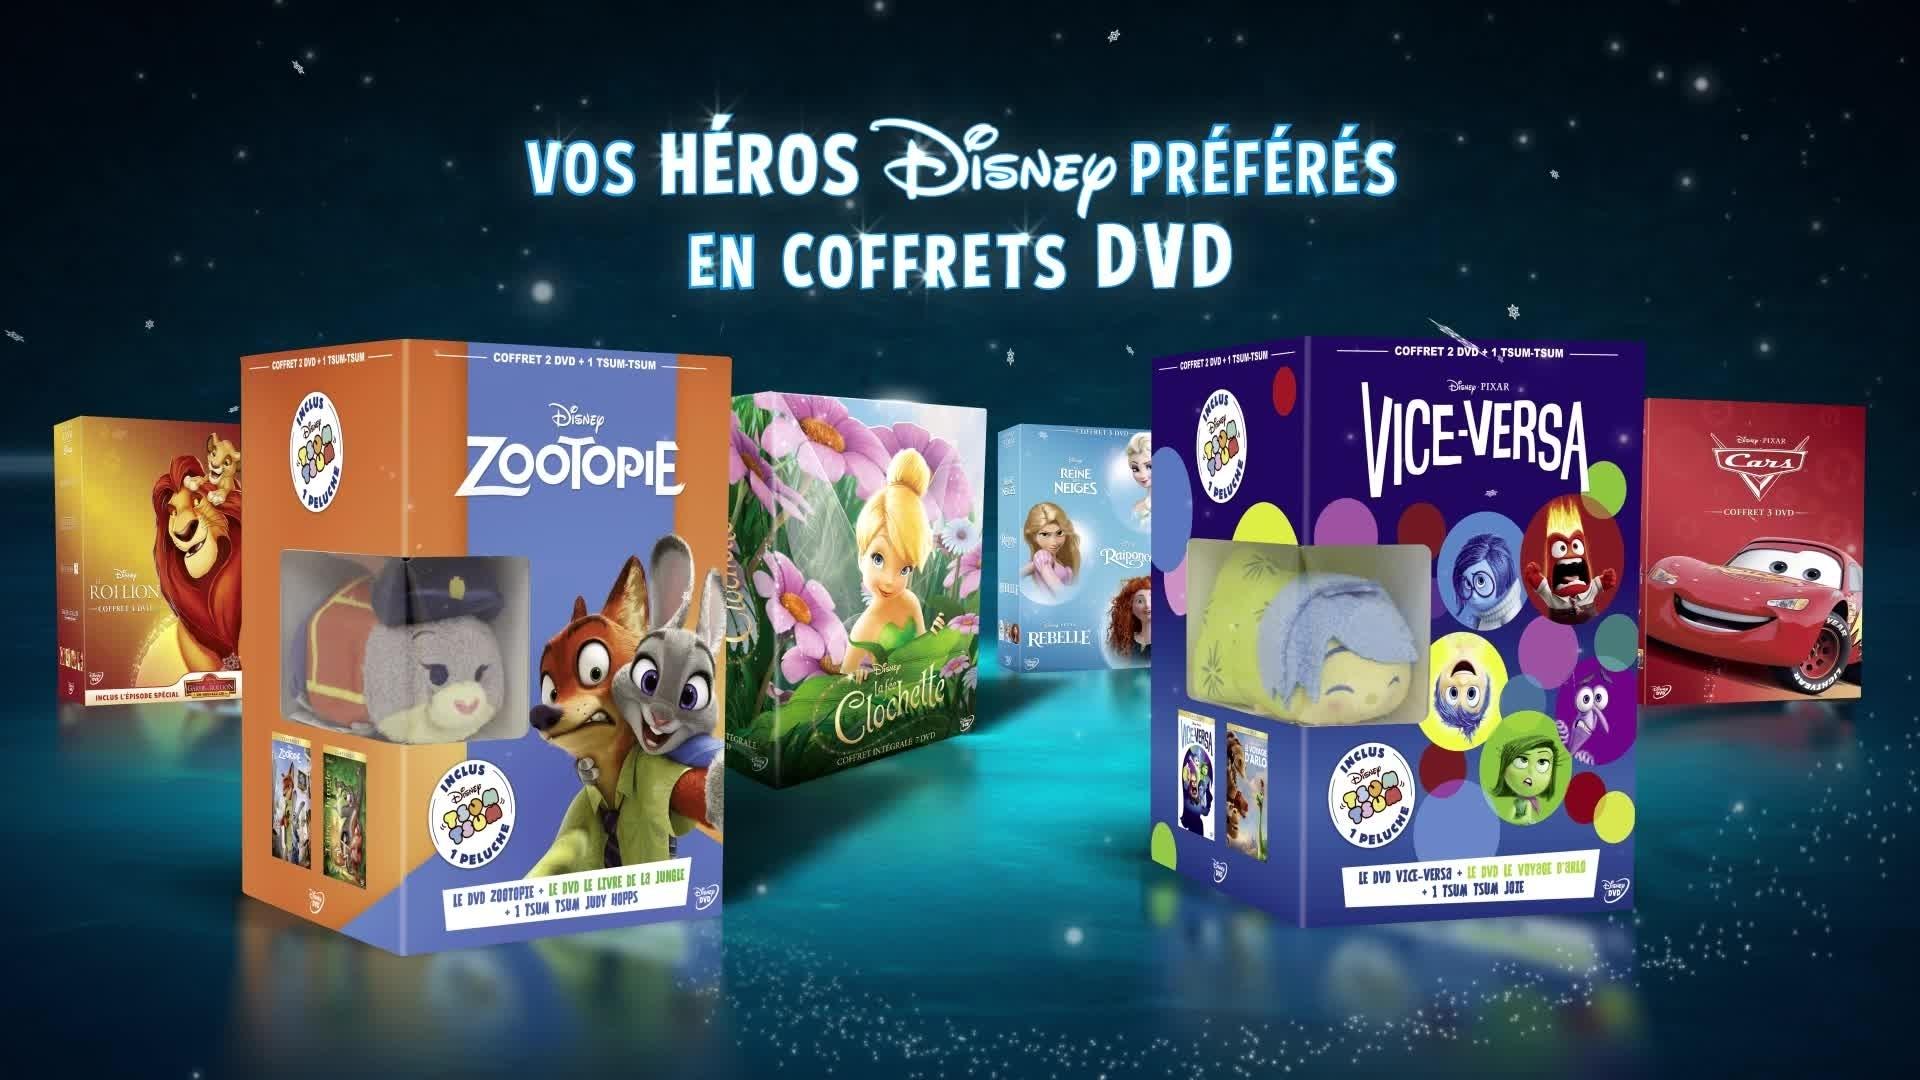 Coffrets DVD avec vos héros préférés